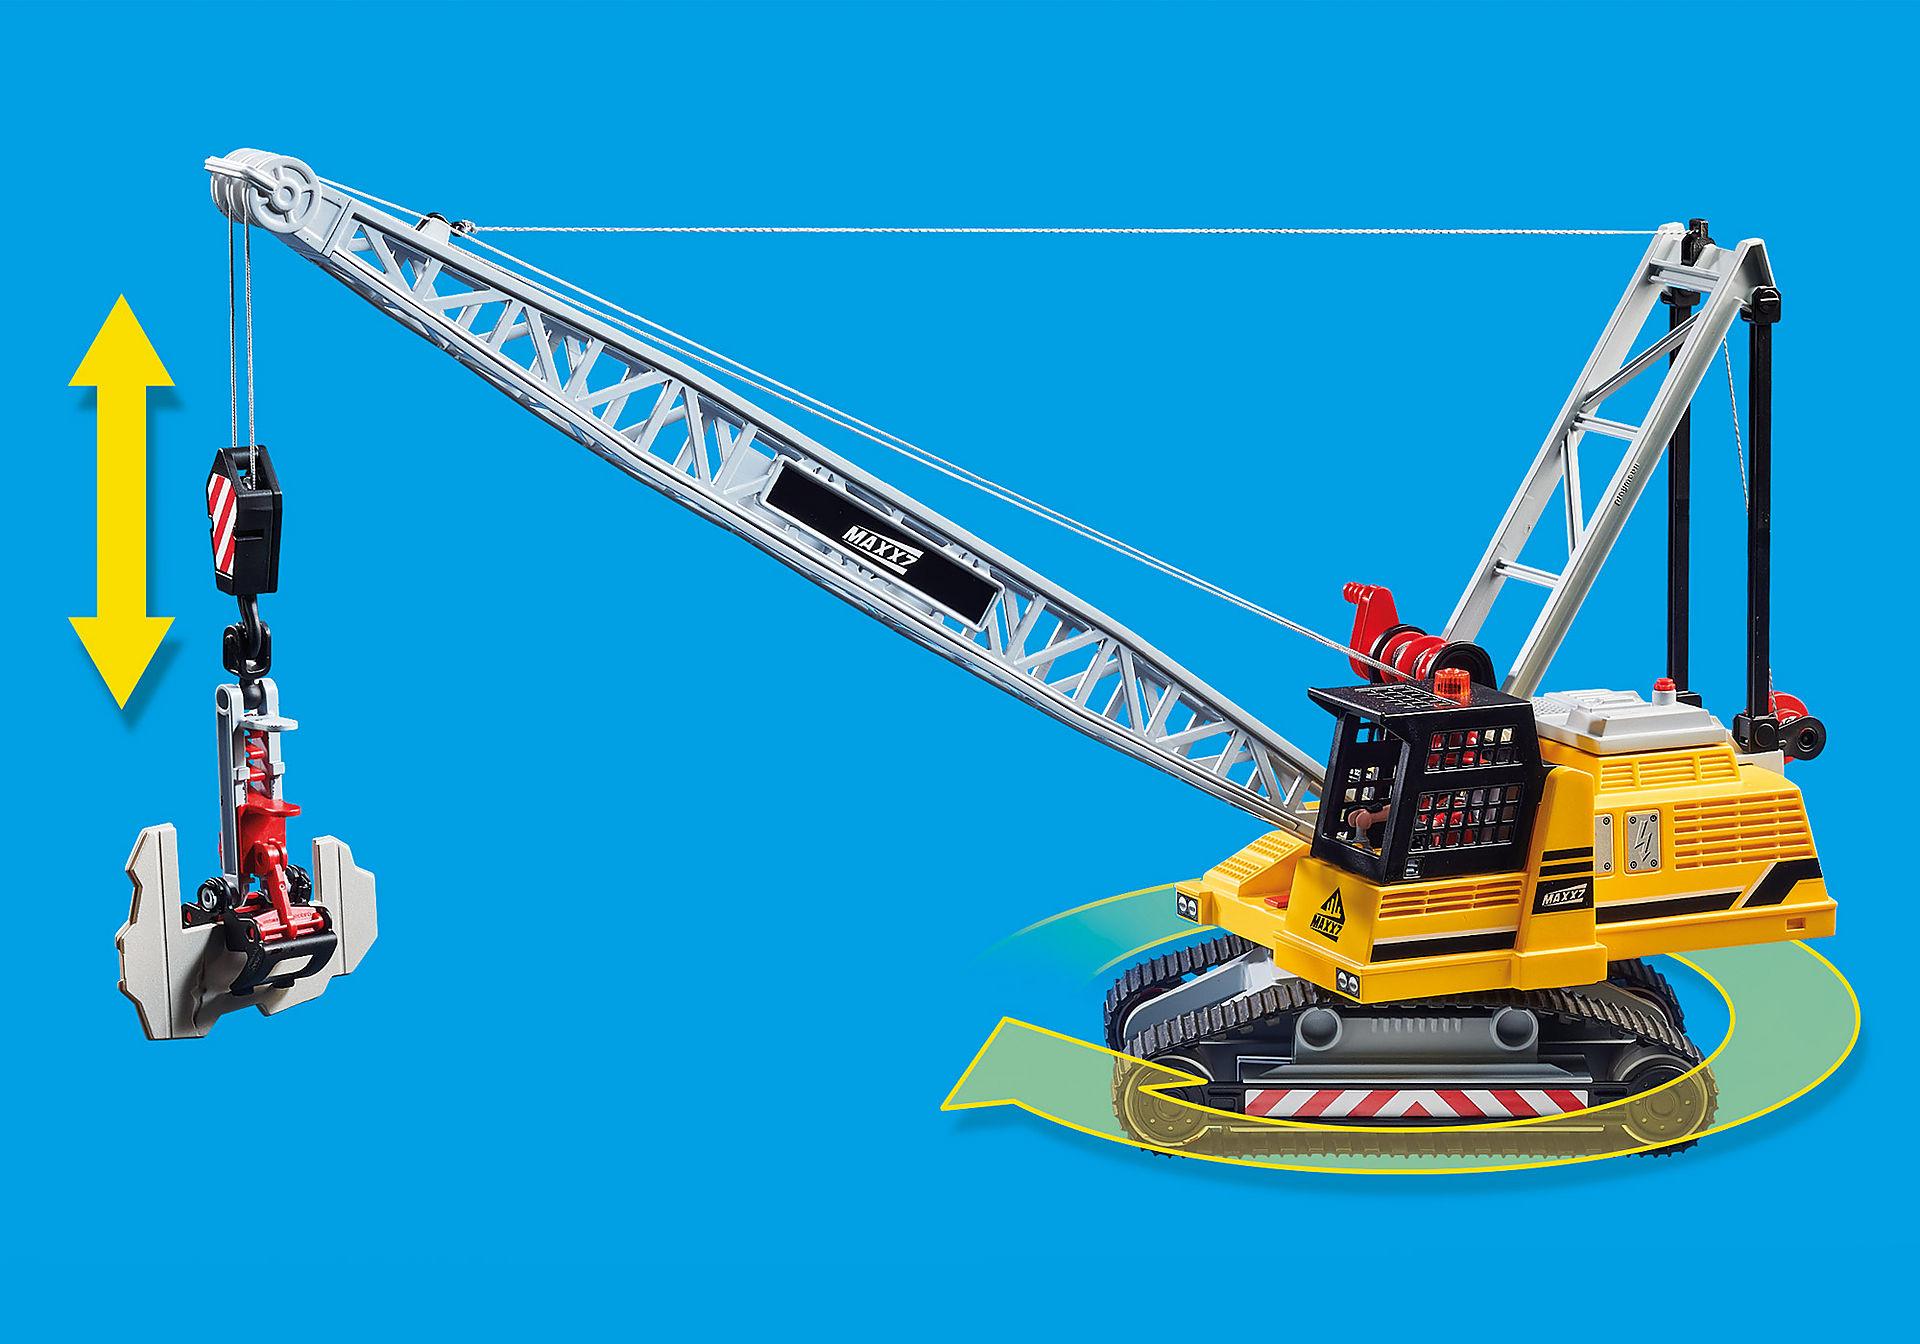 70442 Kabelgraafmachine met bouwonderdeel zoom image9